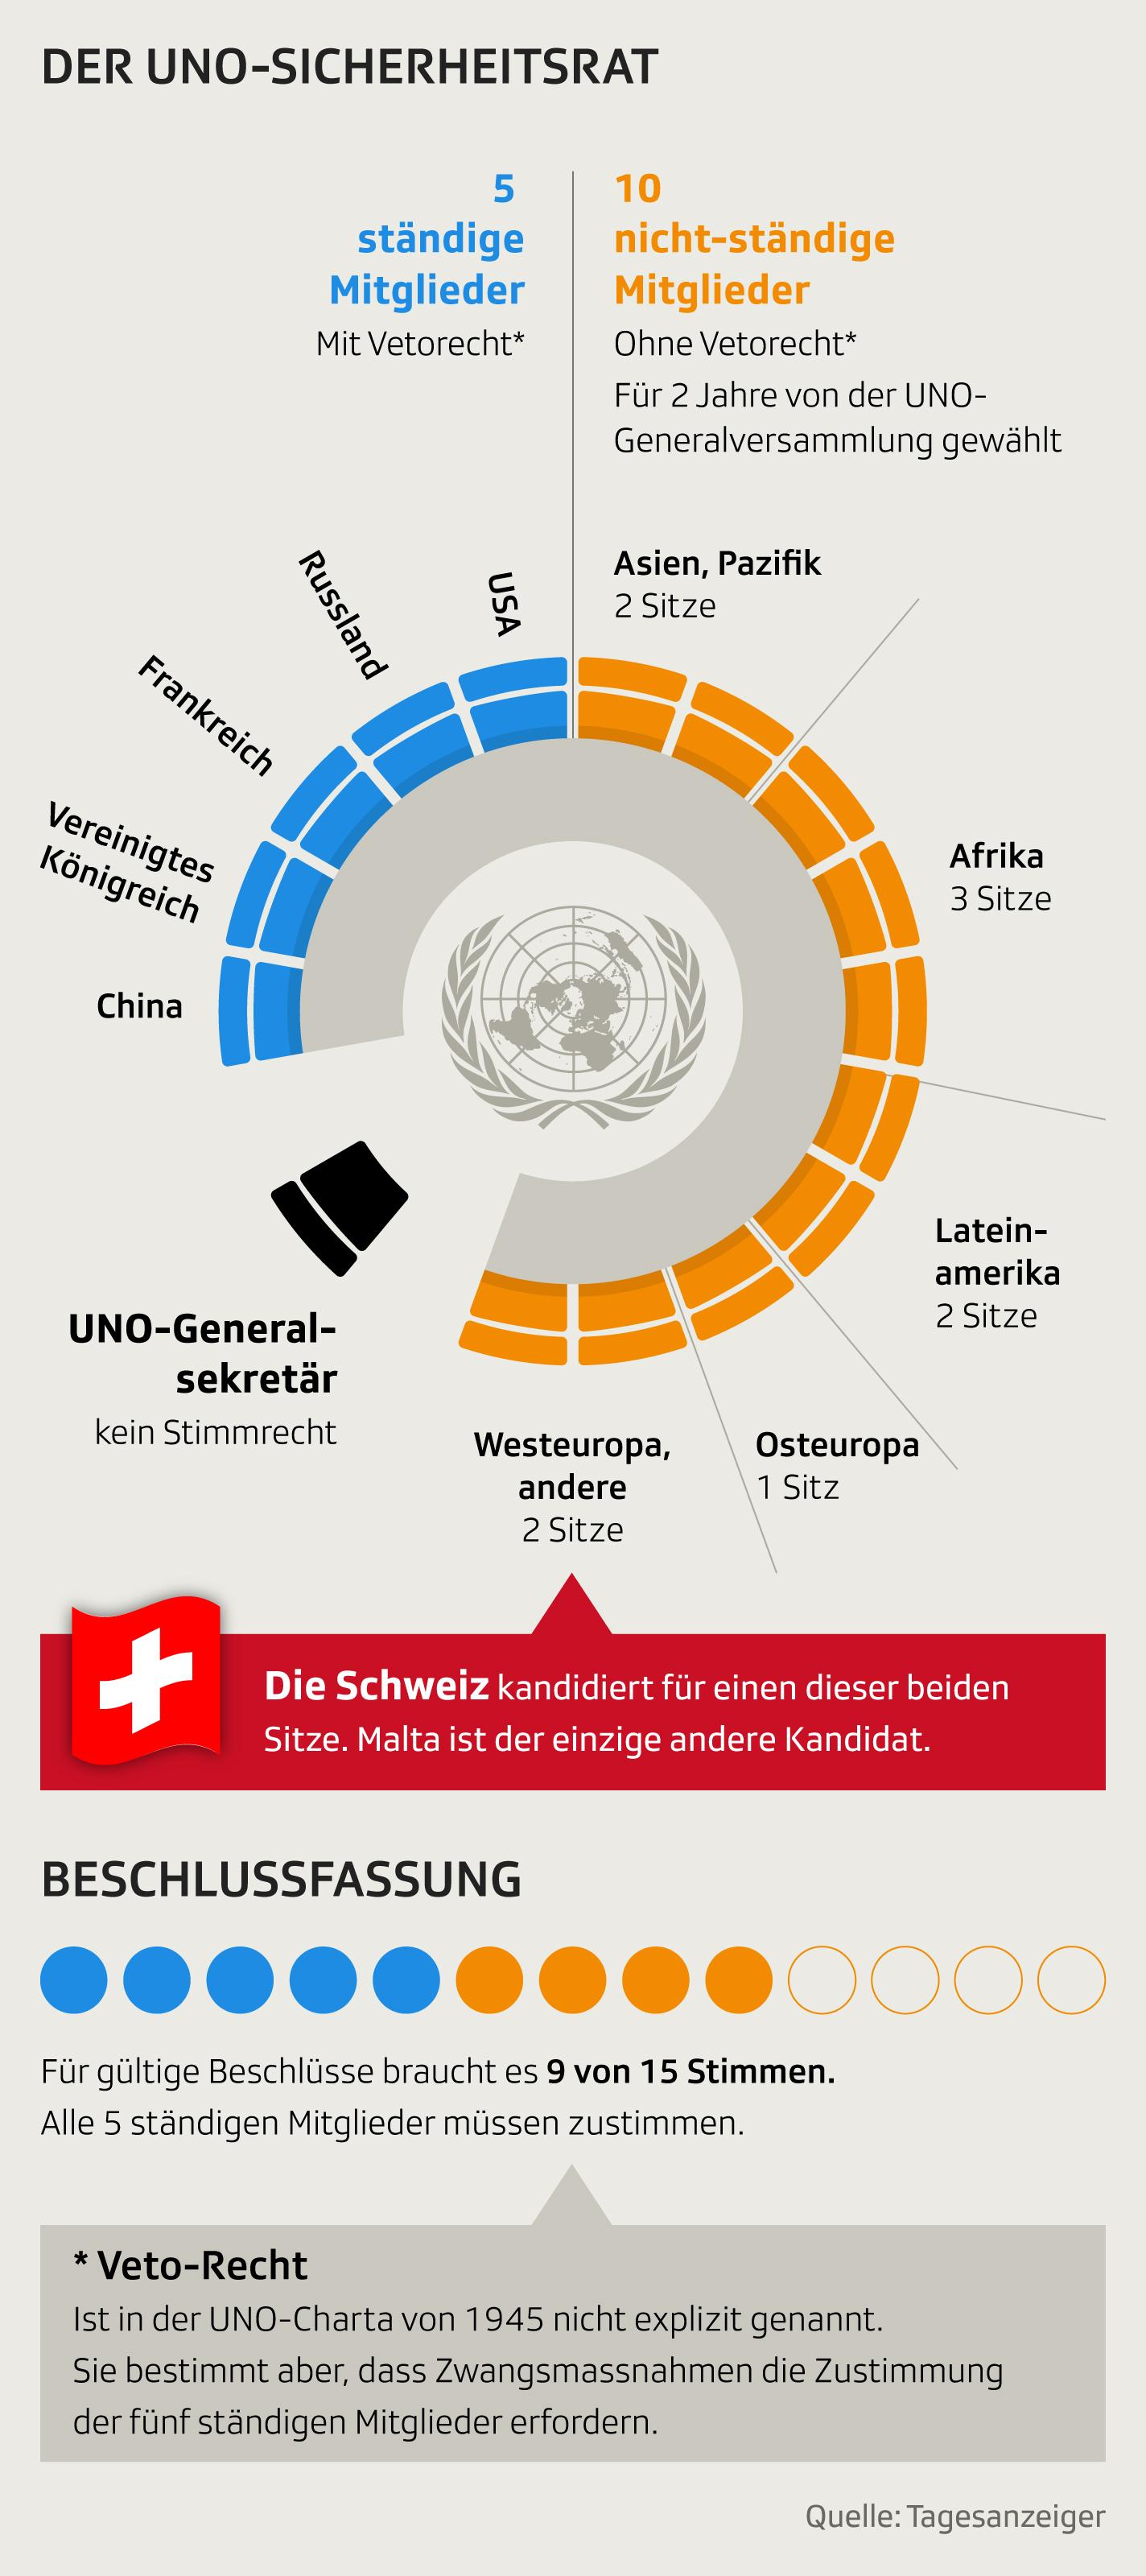 Die Schweiz und der Uno-Sicherheitsrat